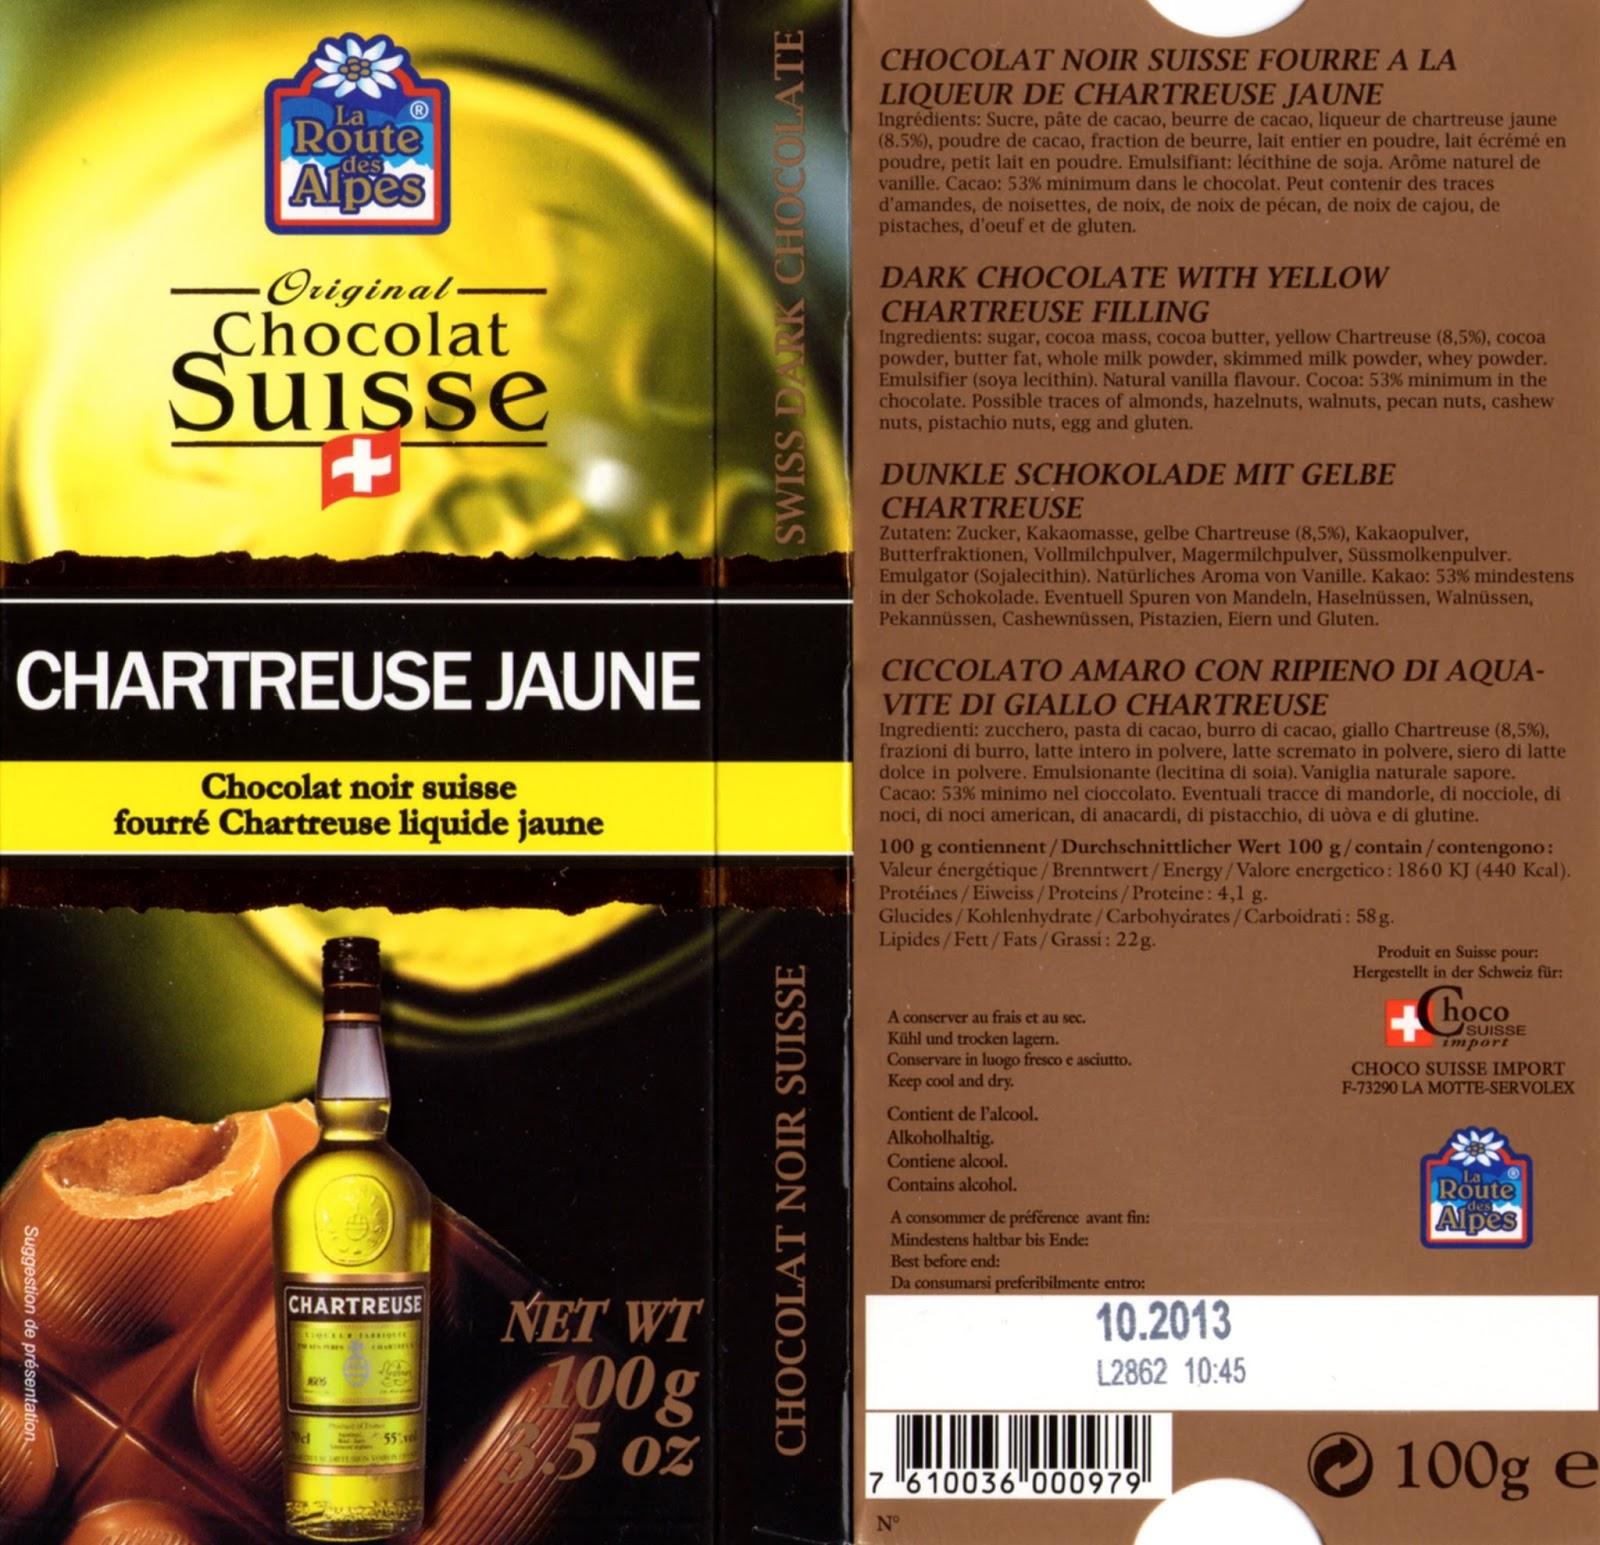 tablette de chocolat noir fourré orset la route des alpes chartreuse jaune